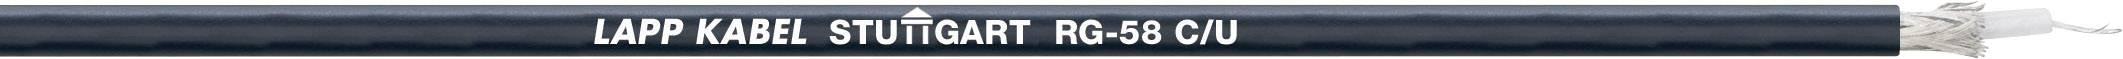 Koaxiální kabel LappKabel RG 58 C/U (2170000), stíněný, černá, 1 m